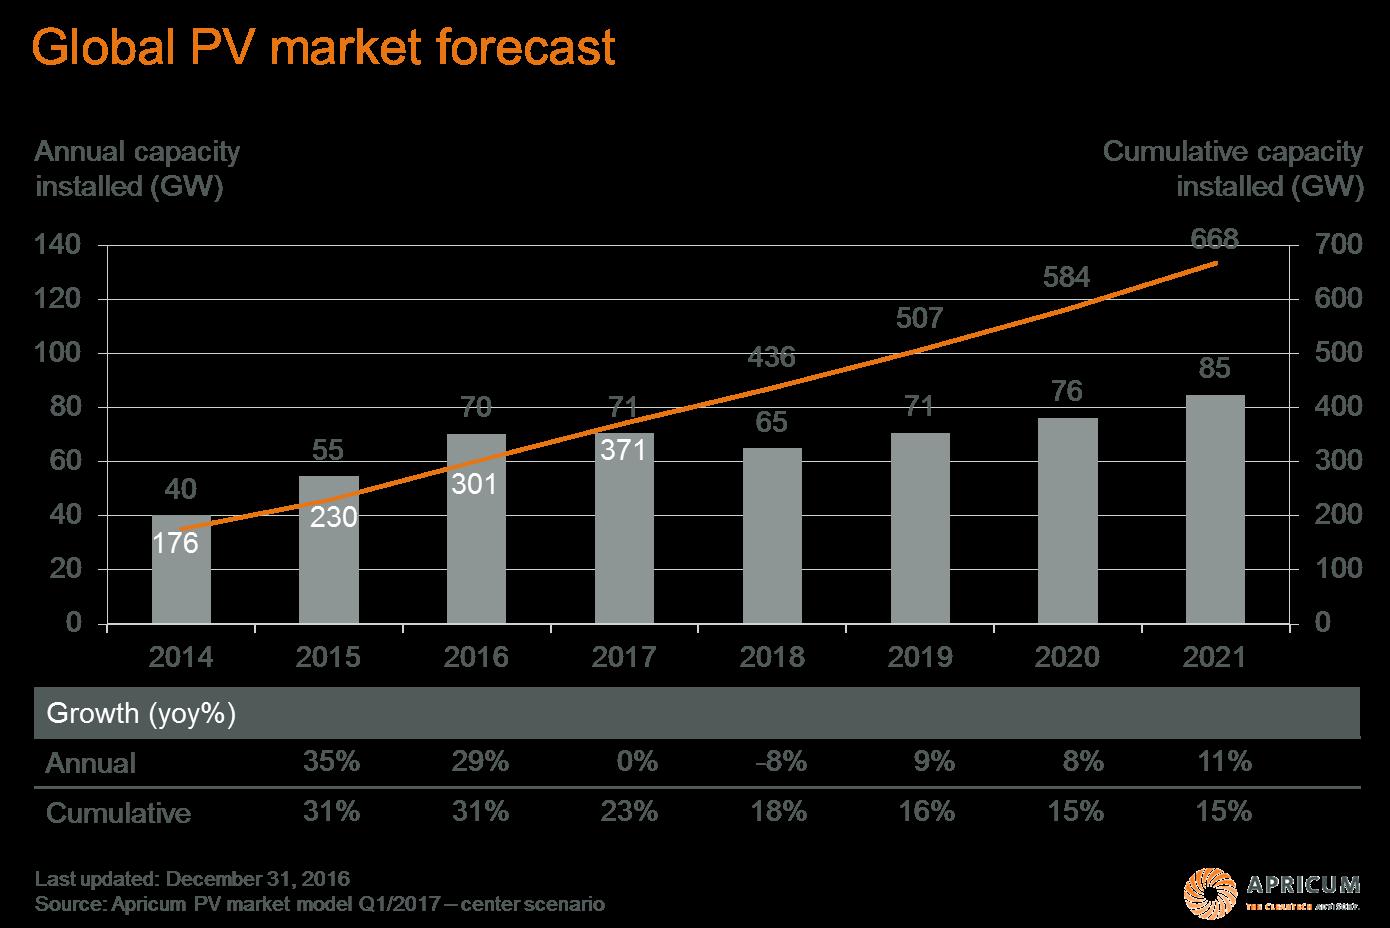 Global PV market forecast